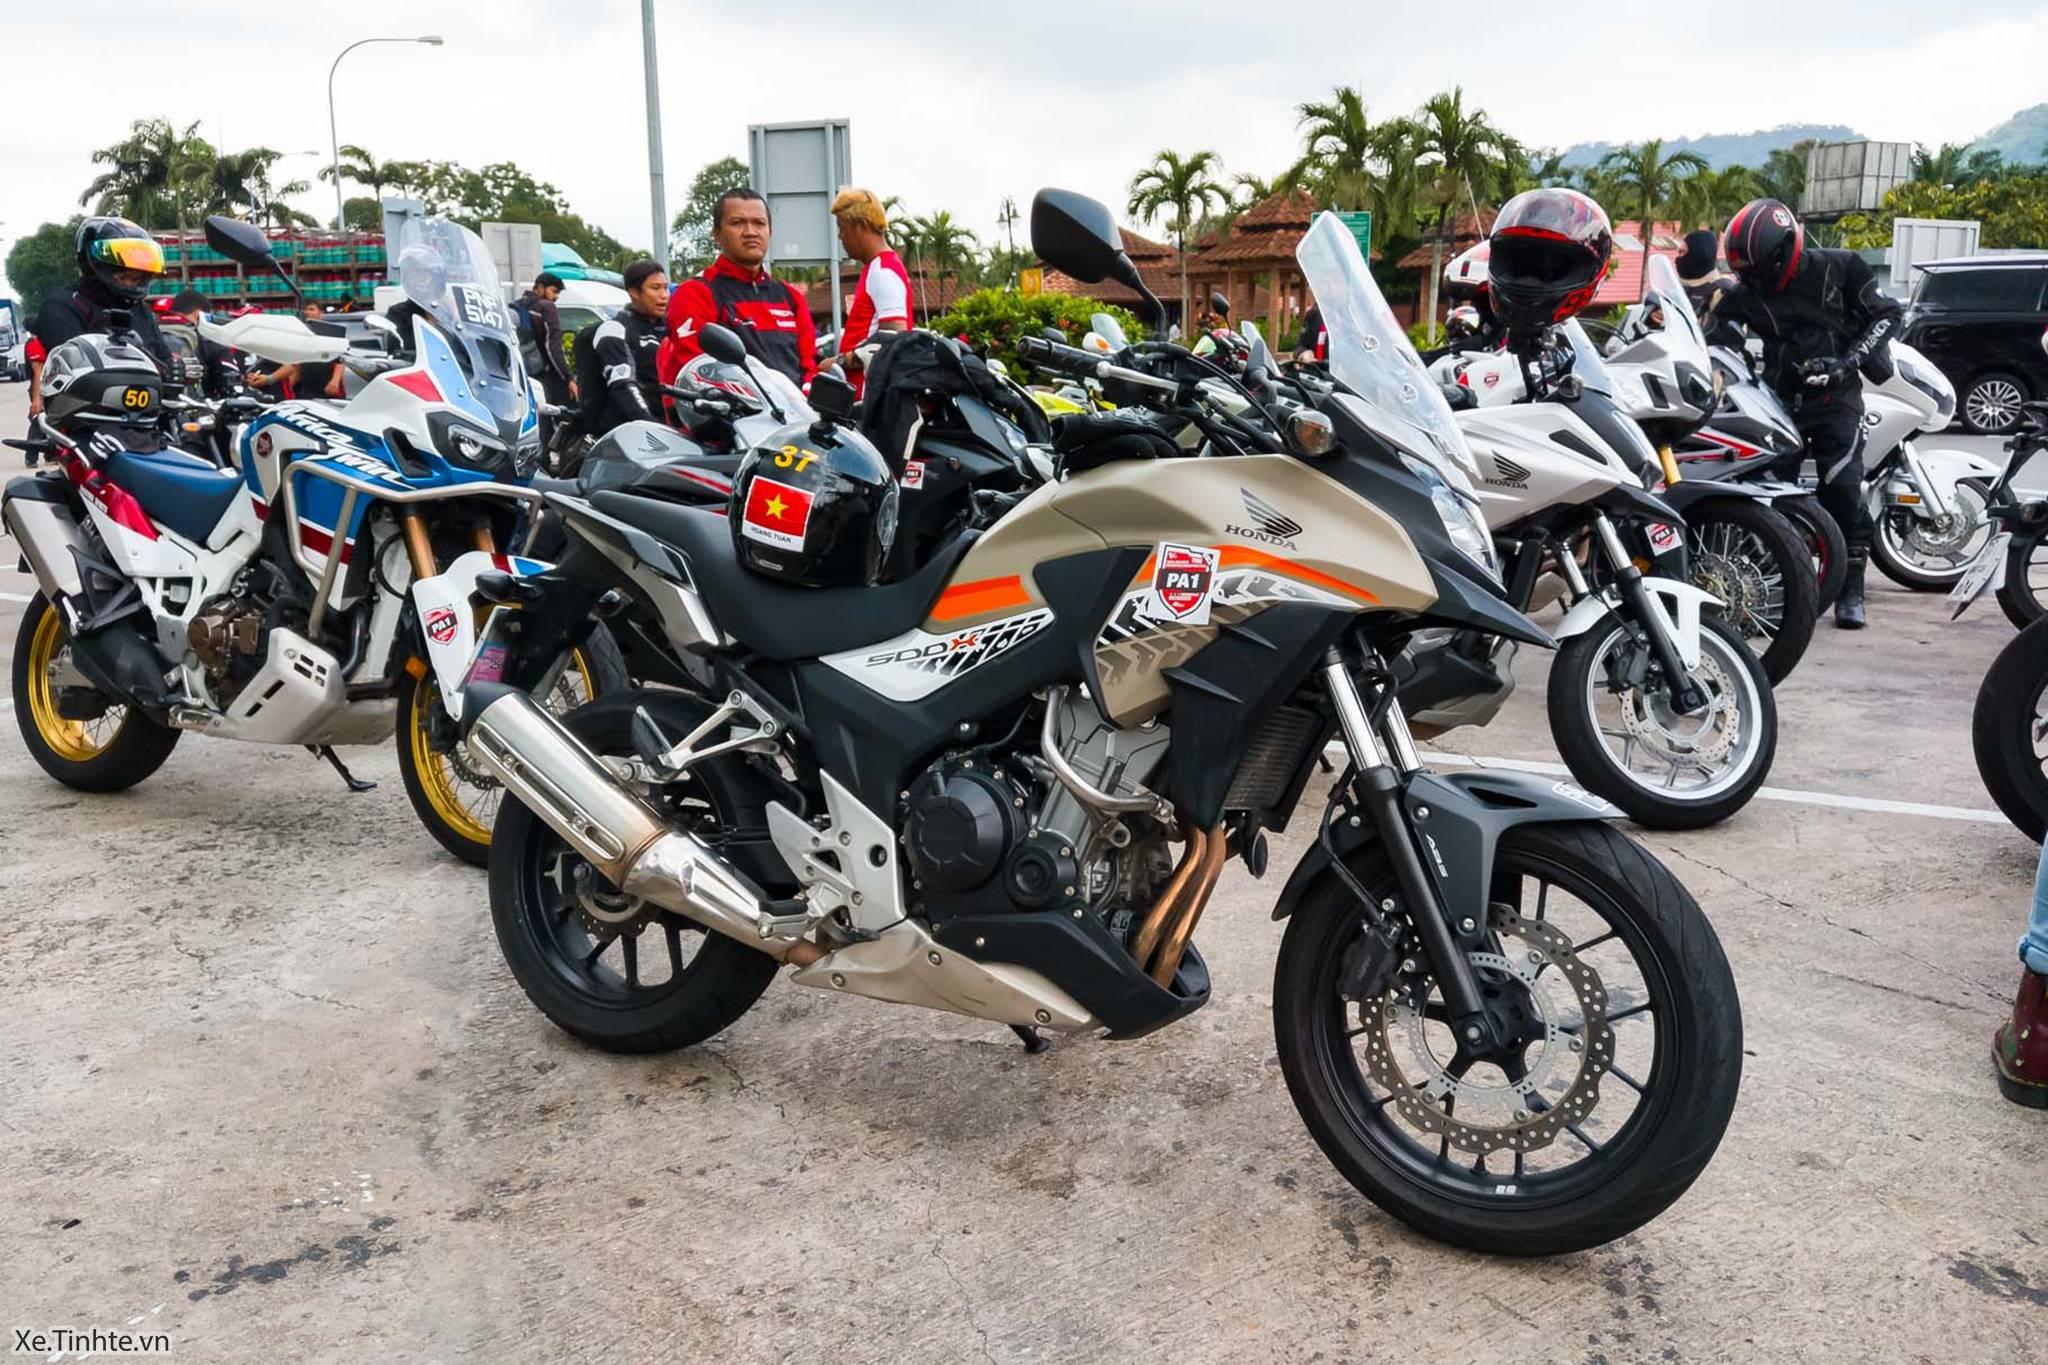 Honda_Asian_Journey_2018_Xe_Tinhte_IMAG0376.jpg